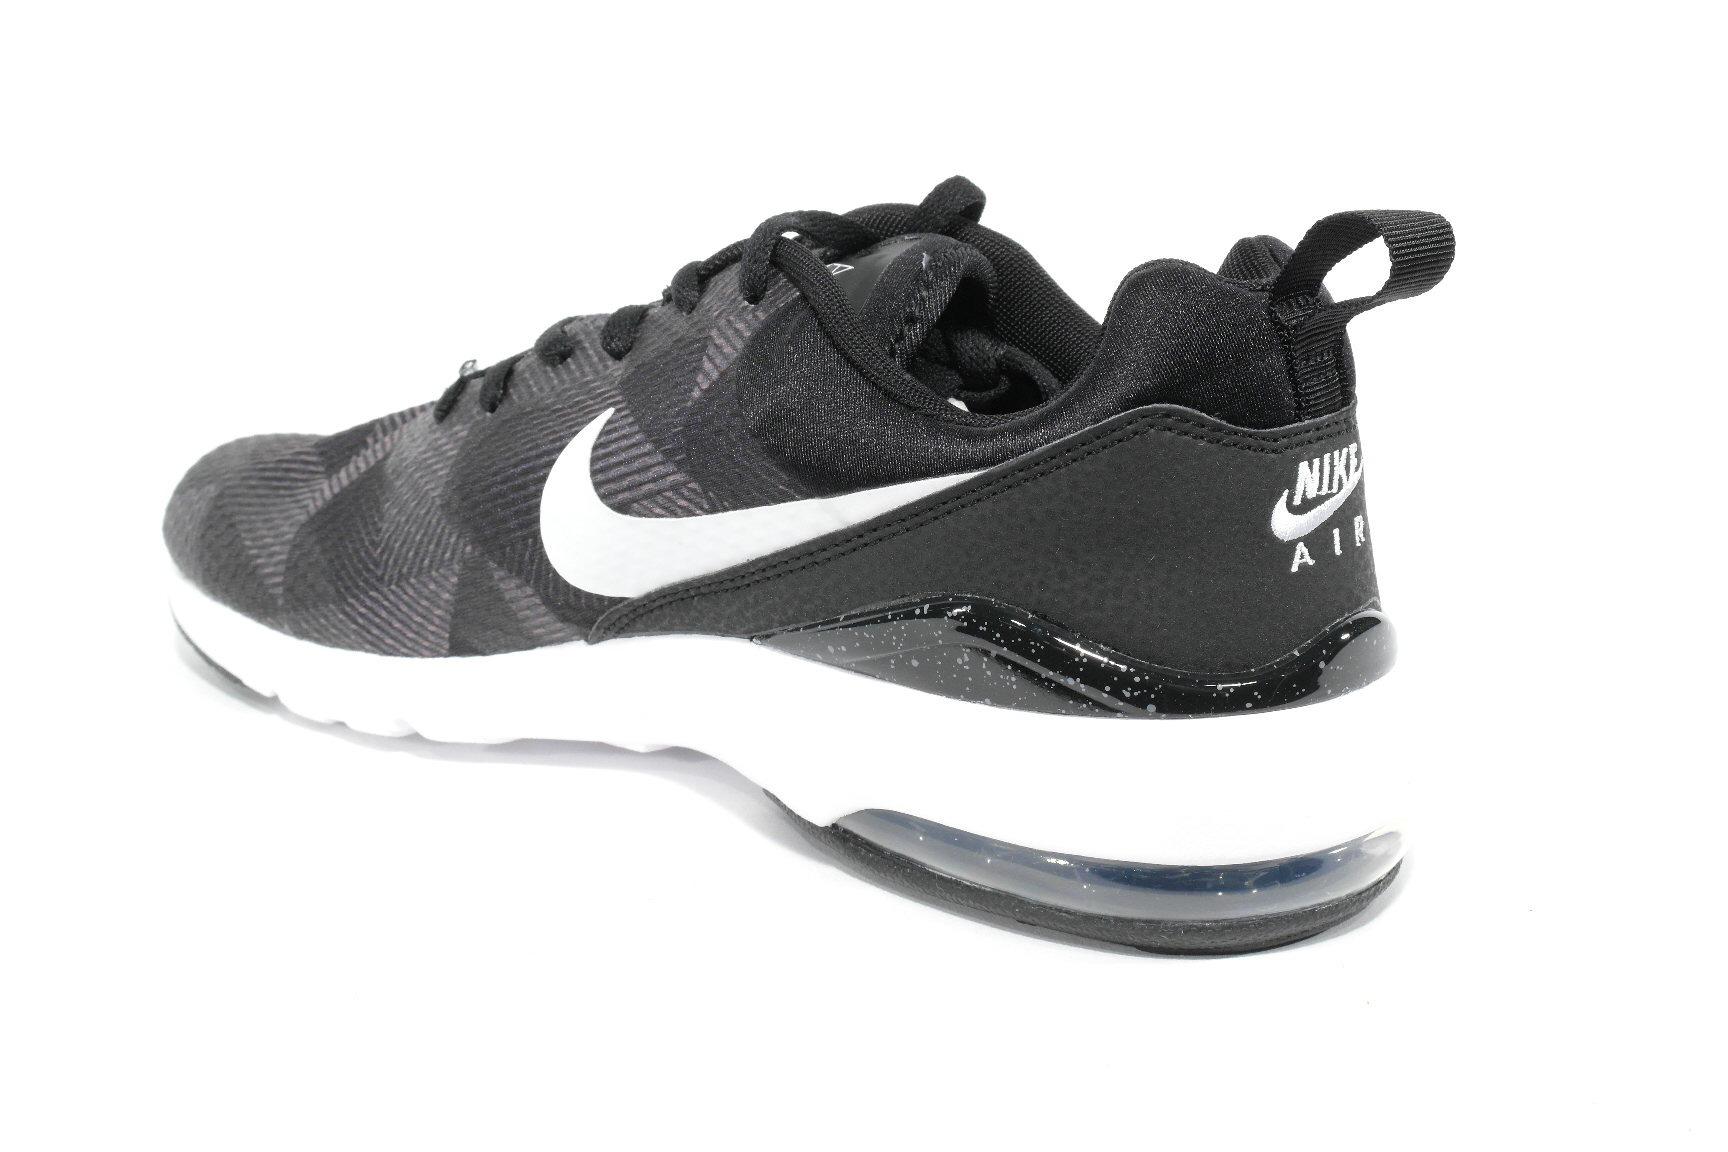 Nike Air Max Hoogeveen